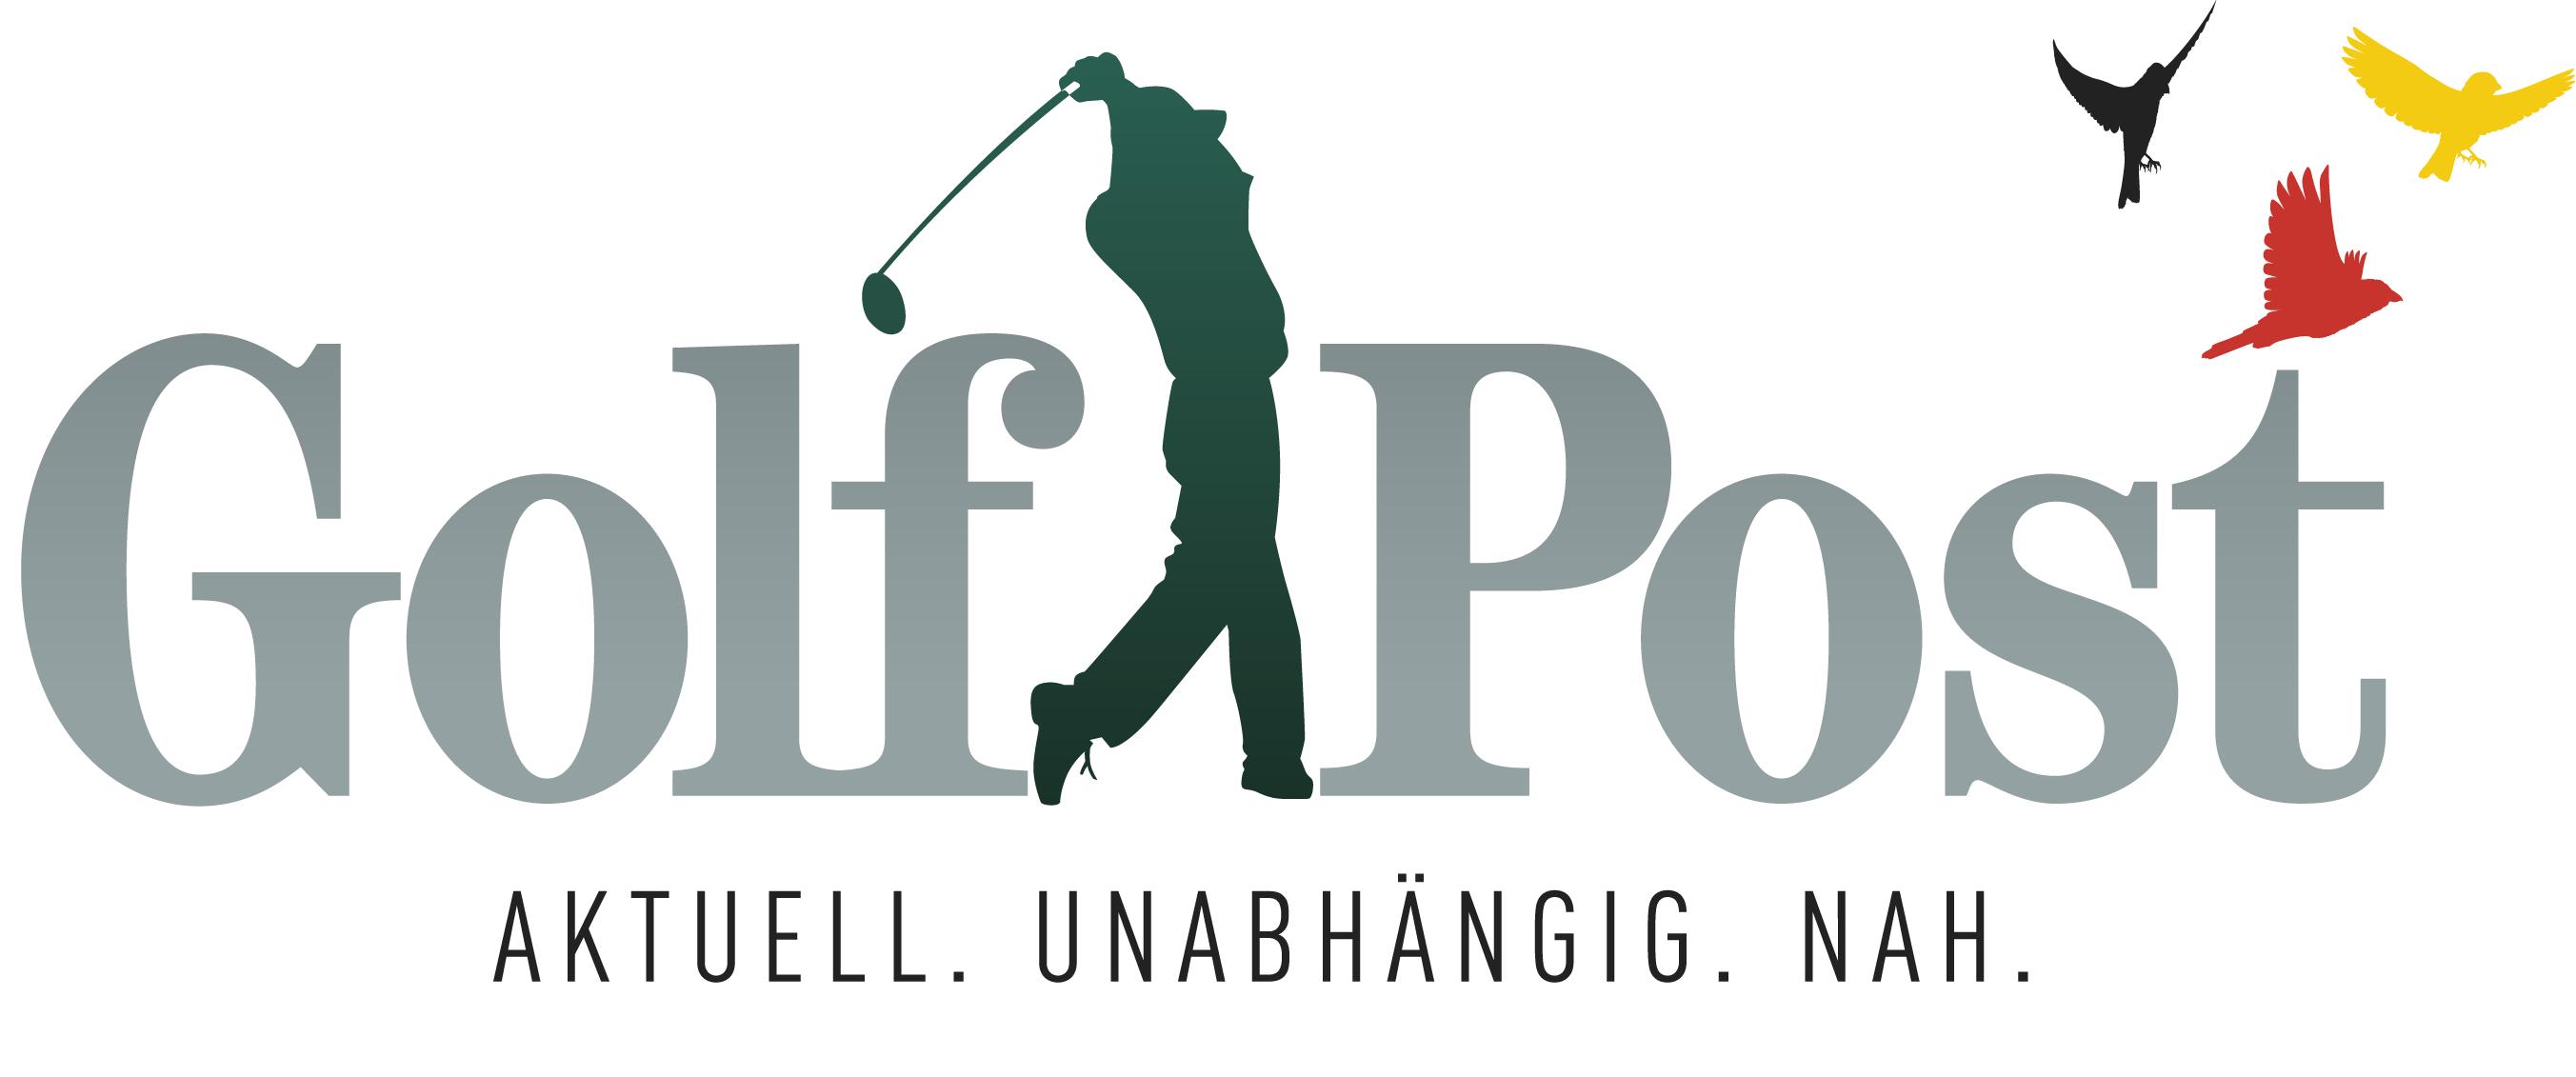 Golf Im Tv Die Erste World Golf Championship In Diesem Jahr Steht An